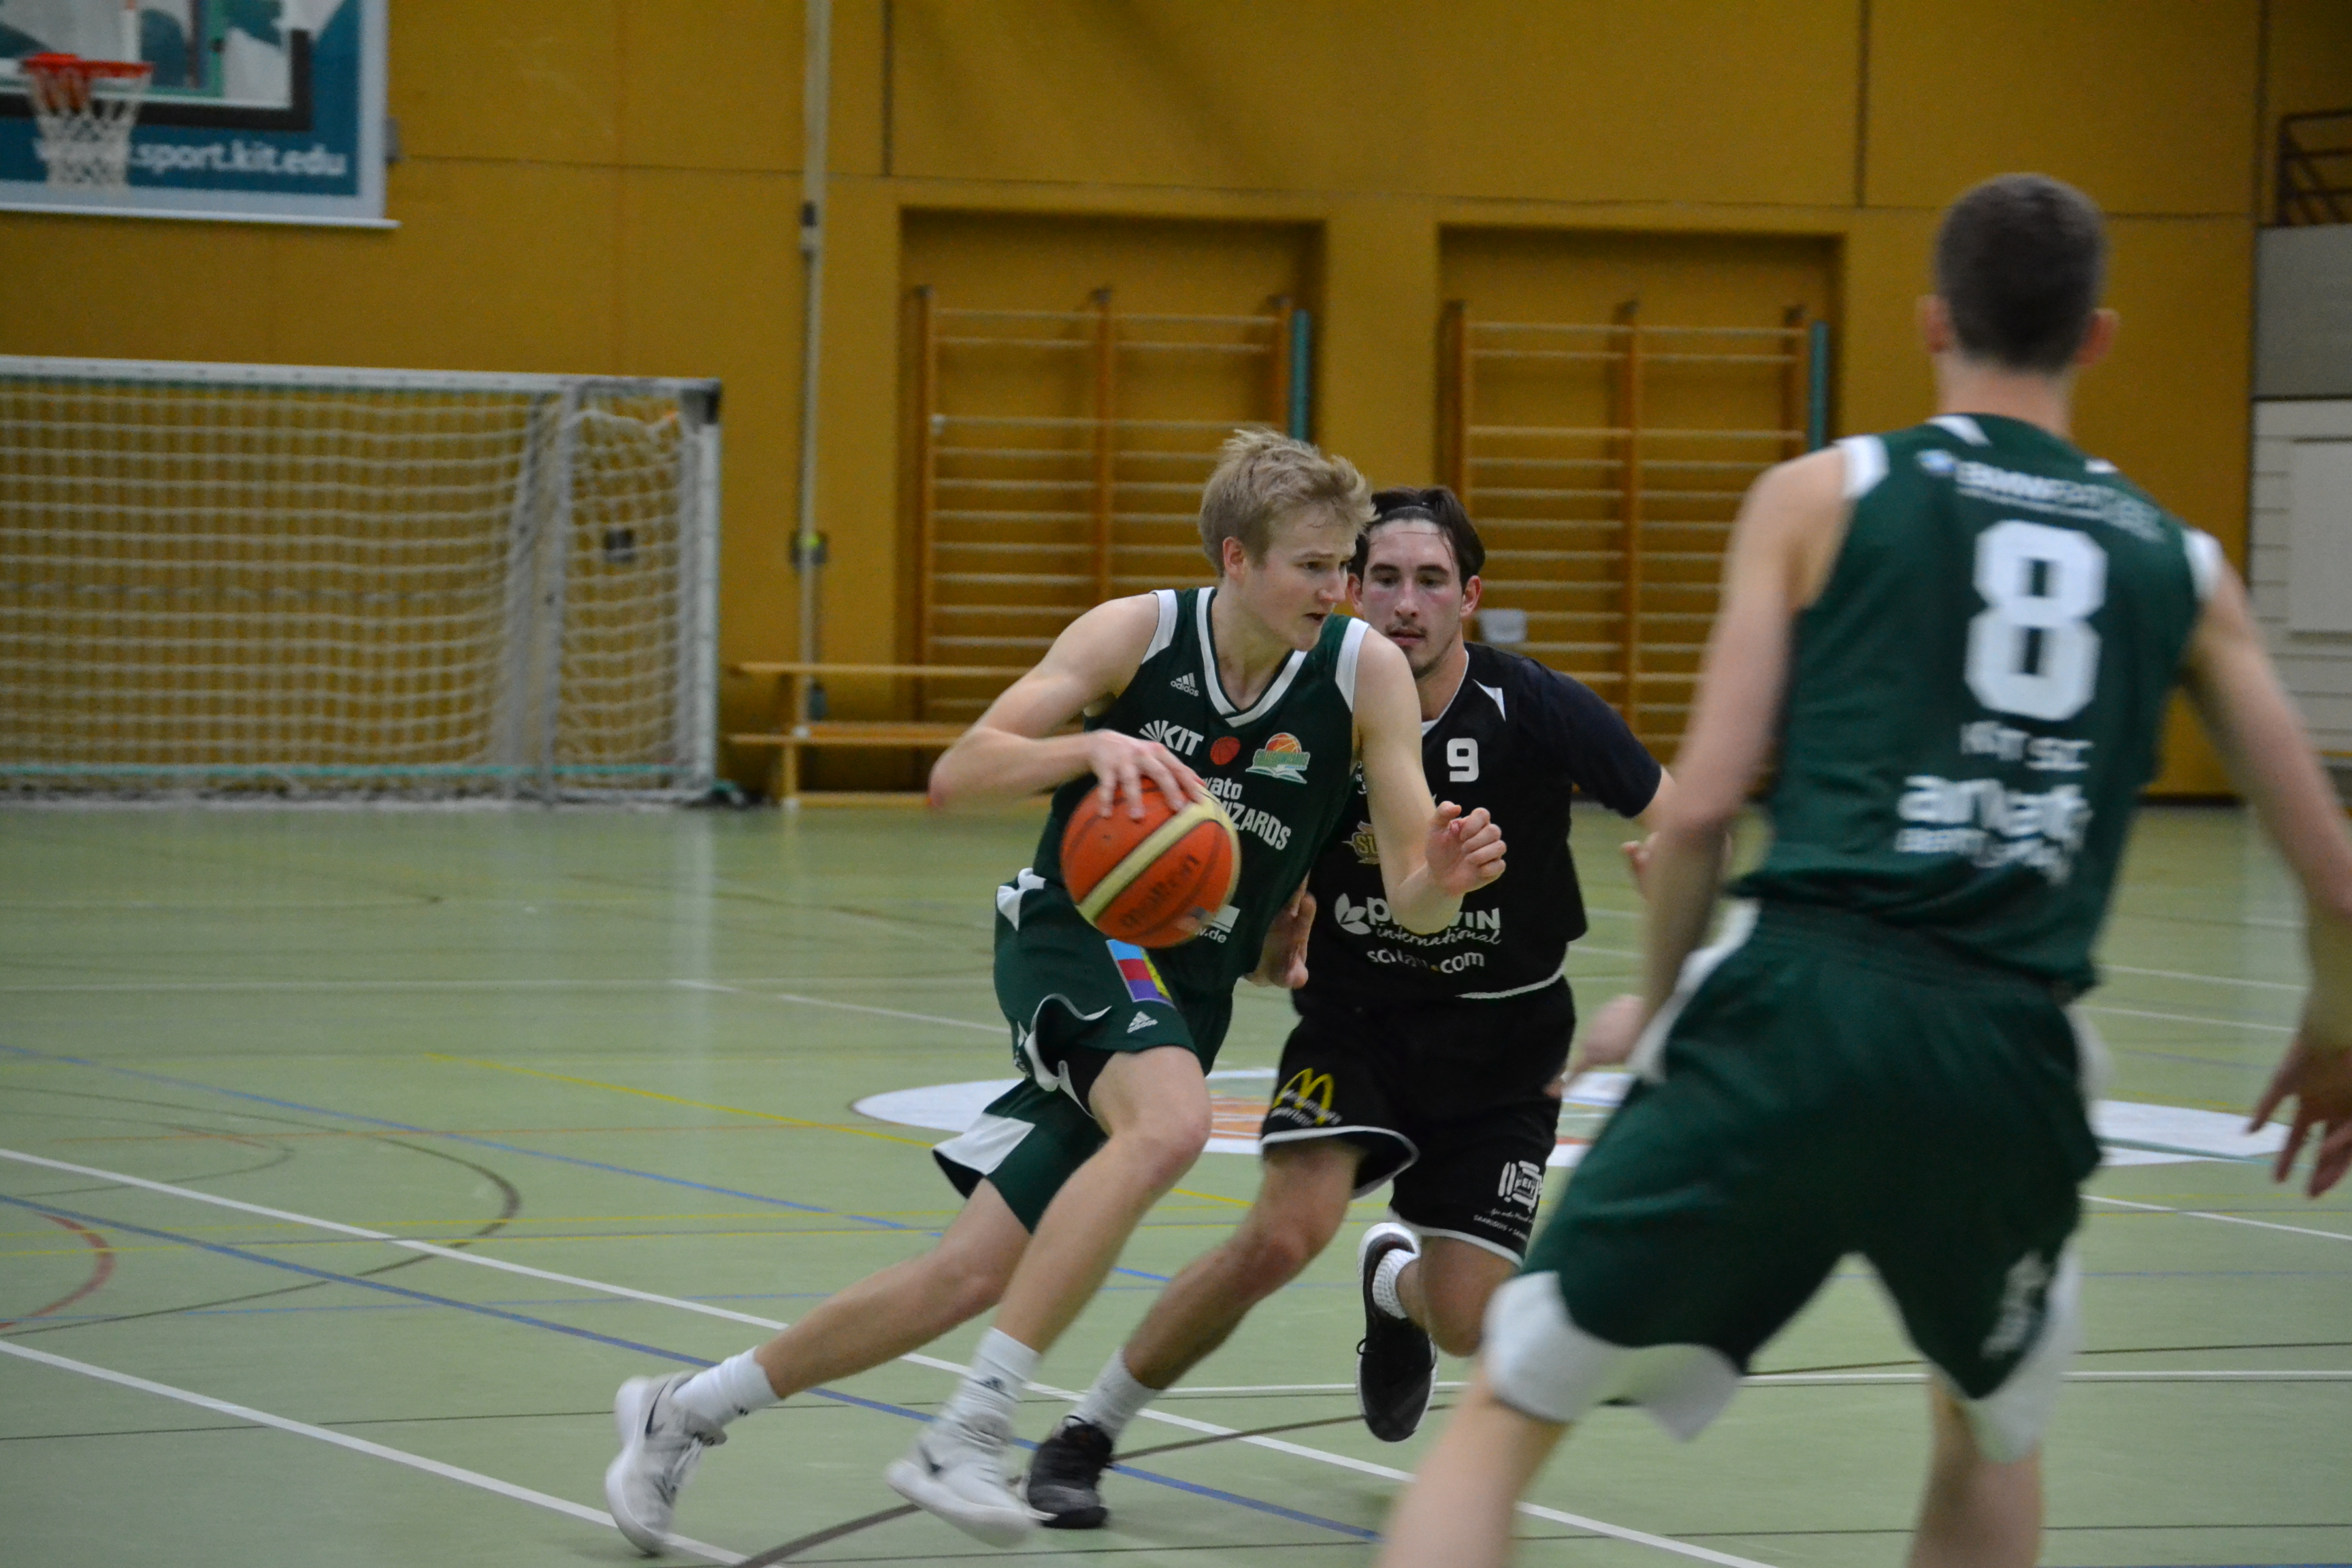 Basketballspieler dribbelt auf dem Spielfeld